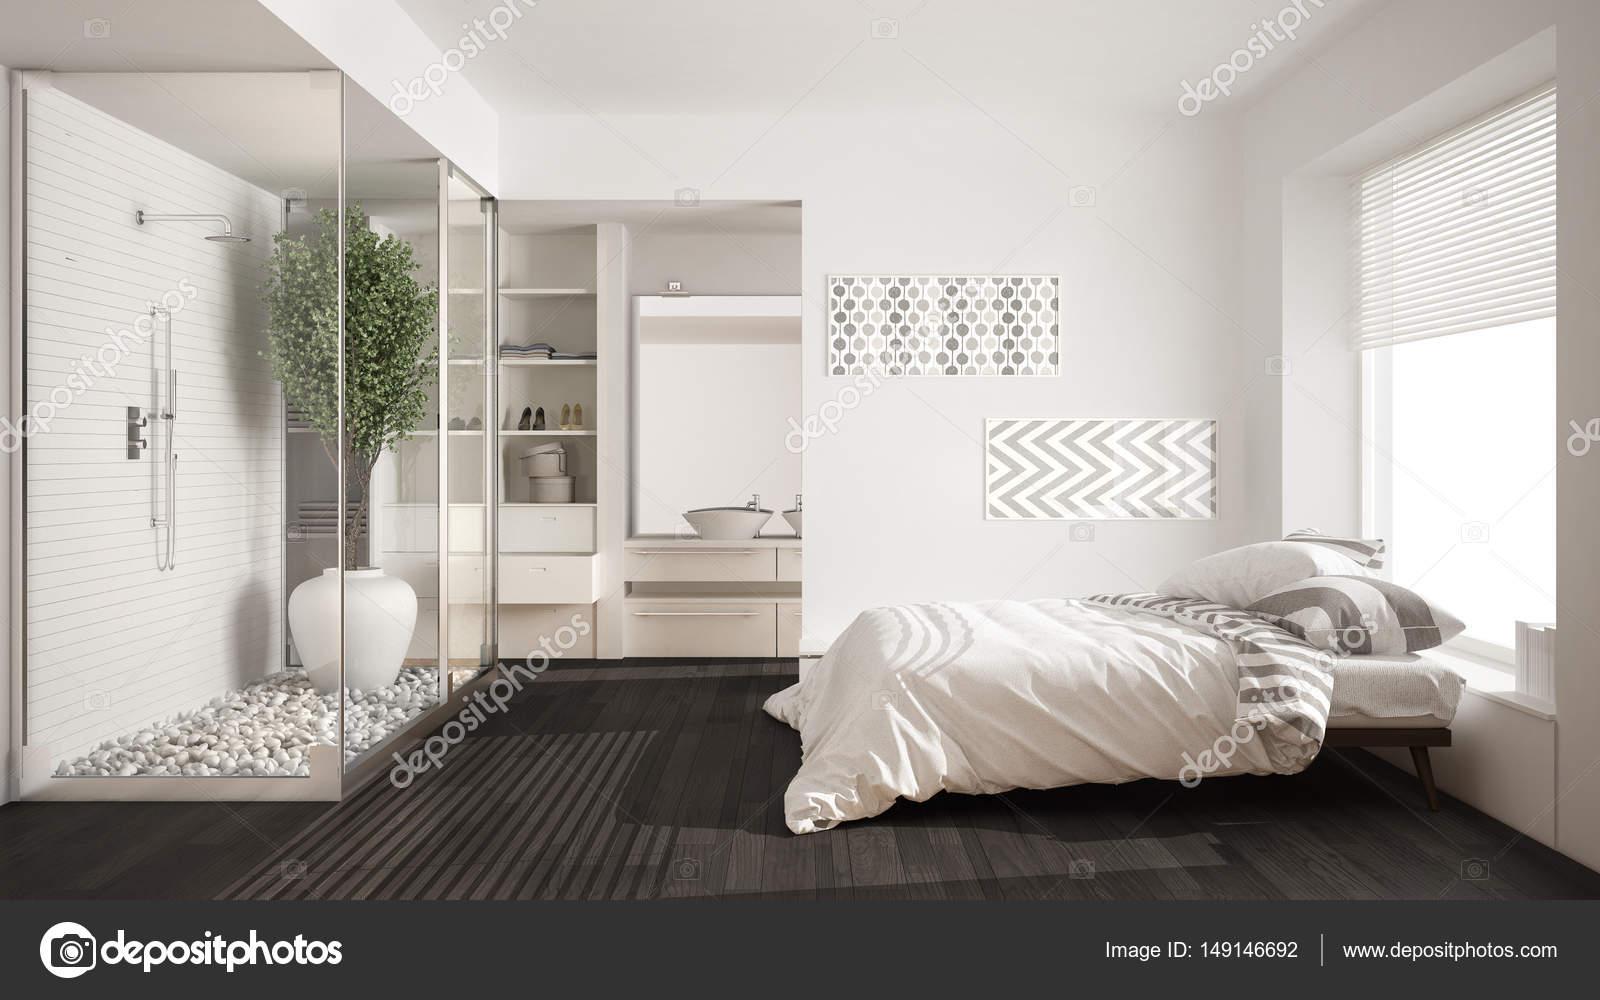 Immagini Di Camere Da Letto Con Cabina Armadio : Camera da letto minimalista e bagno con doccia e cabina armadio